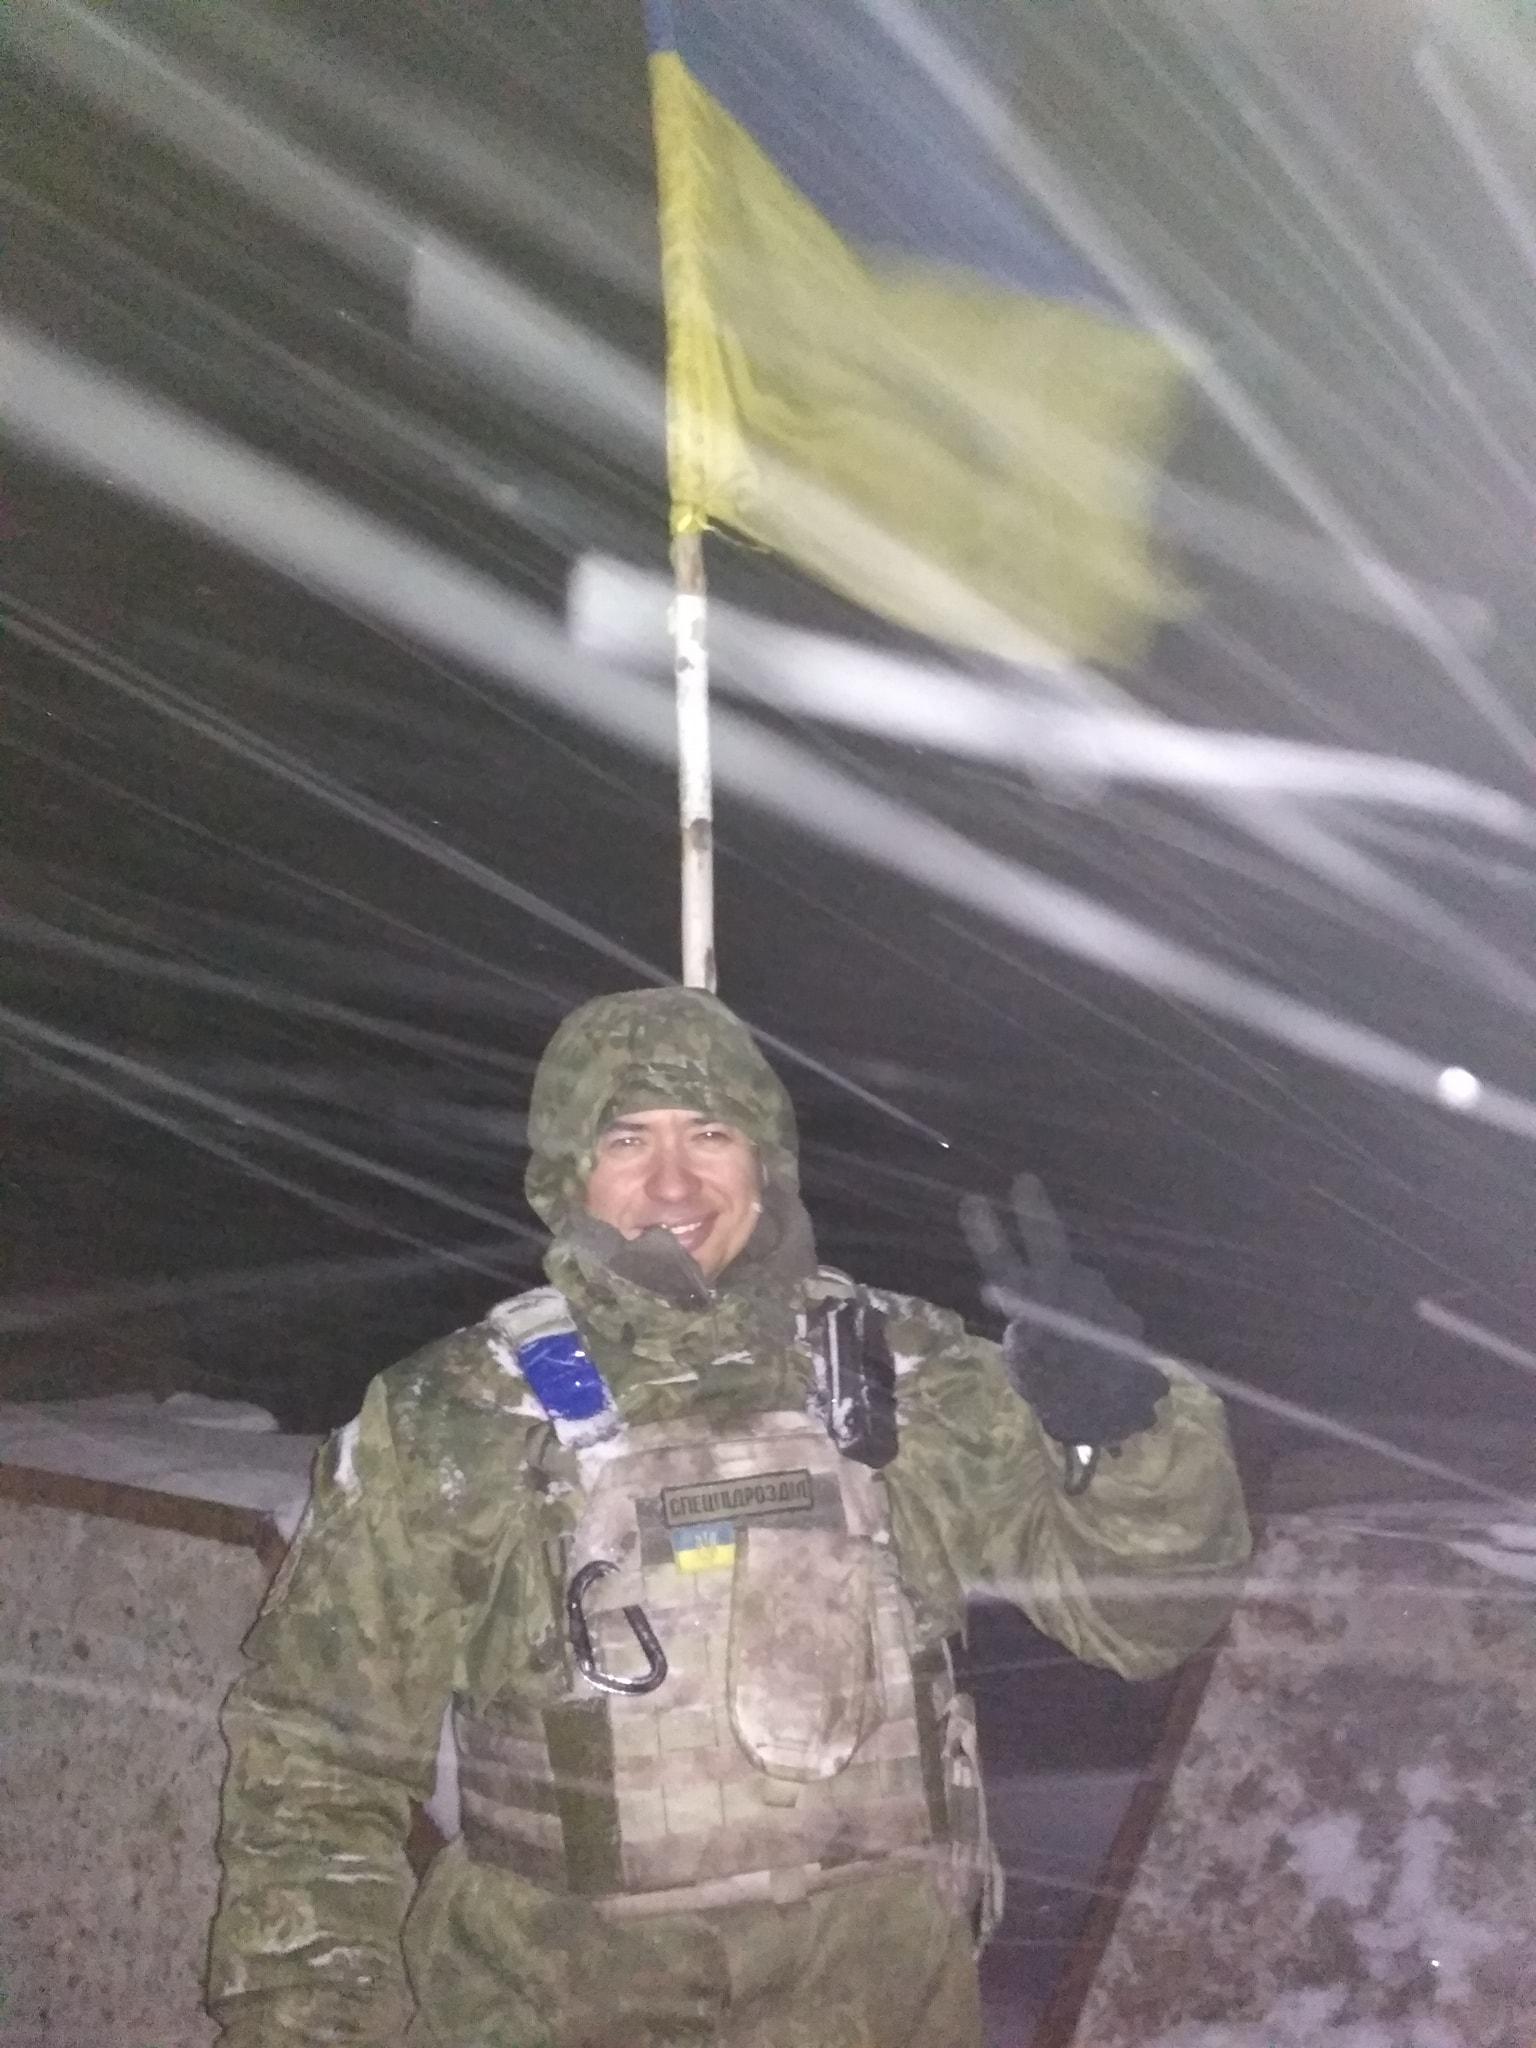 """""""В тилу є дуже багато людей, які заслуговують на те, щоб обороняти їх спокій, та й Україну здавати в жодному разі не можна!"""""""